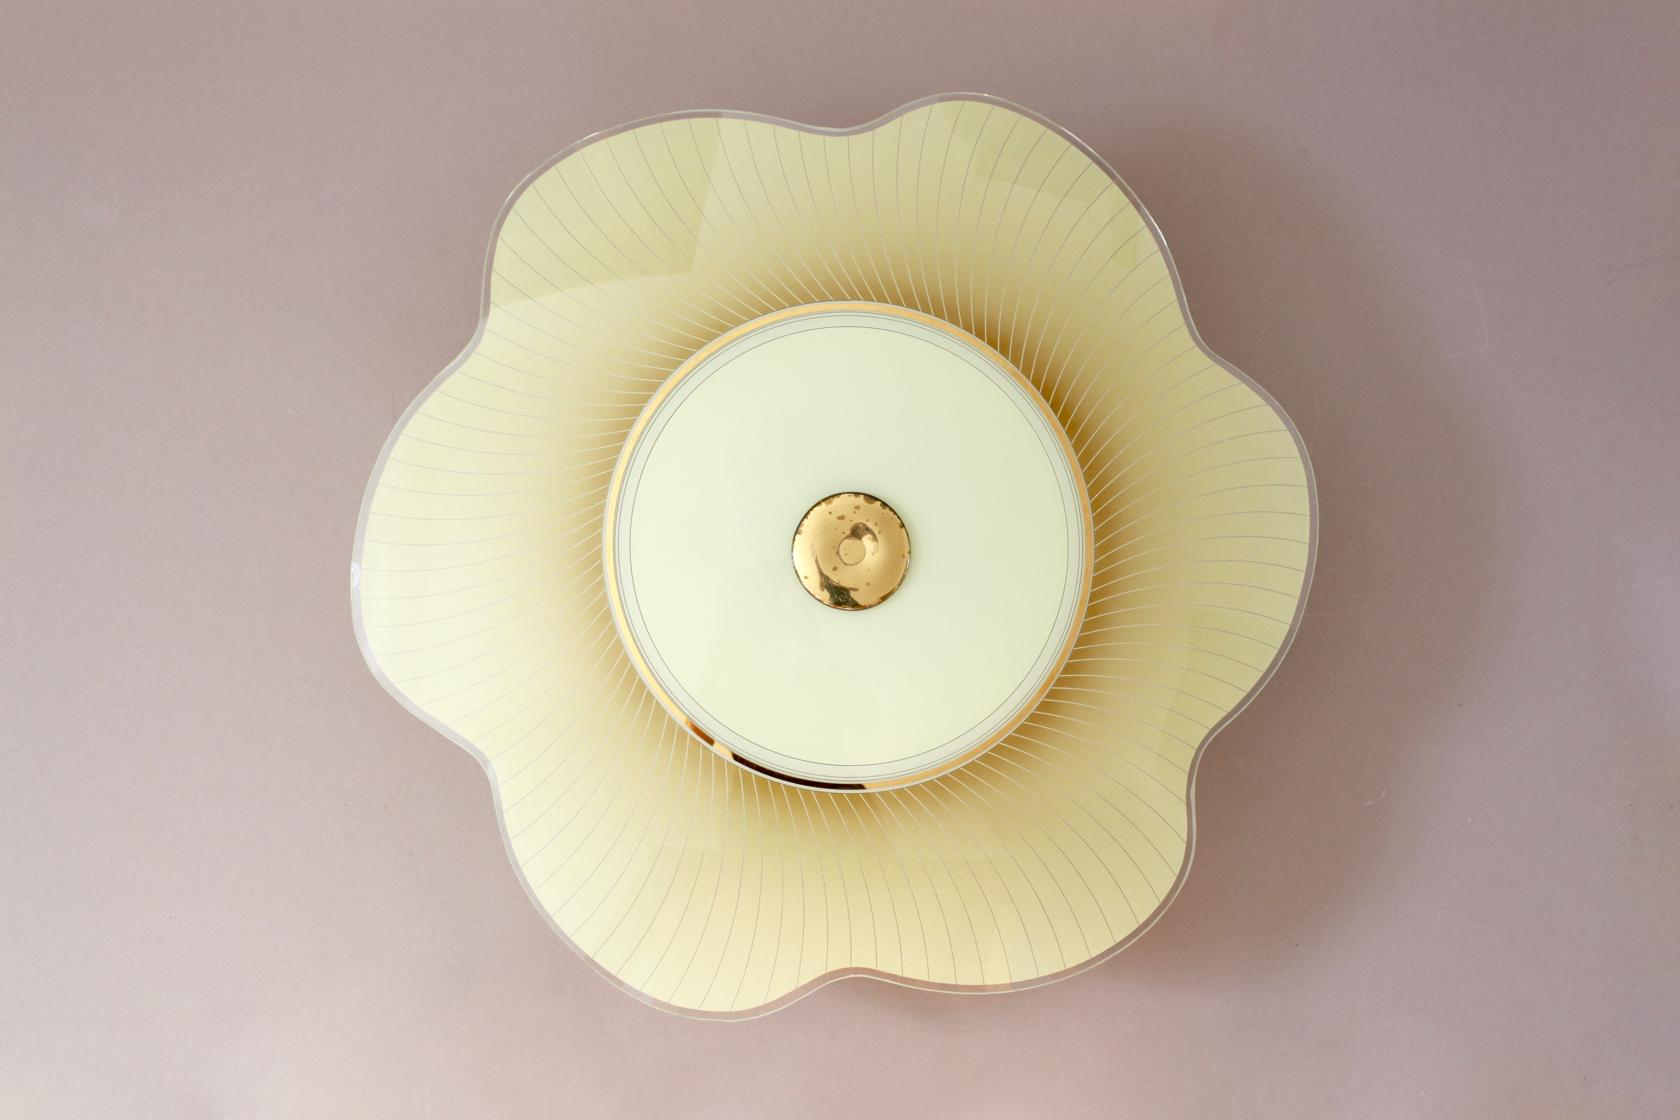 Plafoniere Vintage : Deckenlampe aus den 50er jahren raumwunder vintage wohnen in